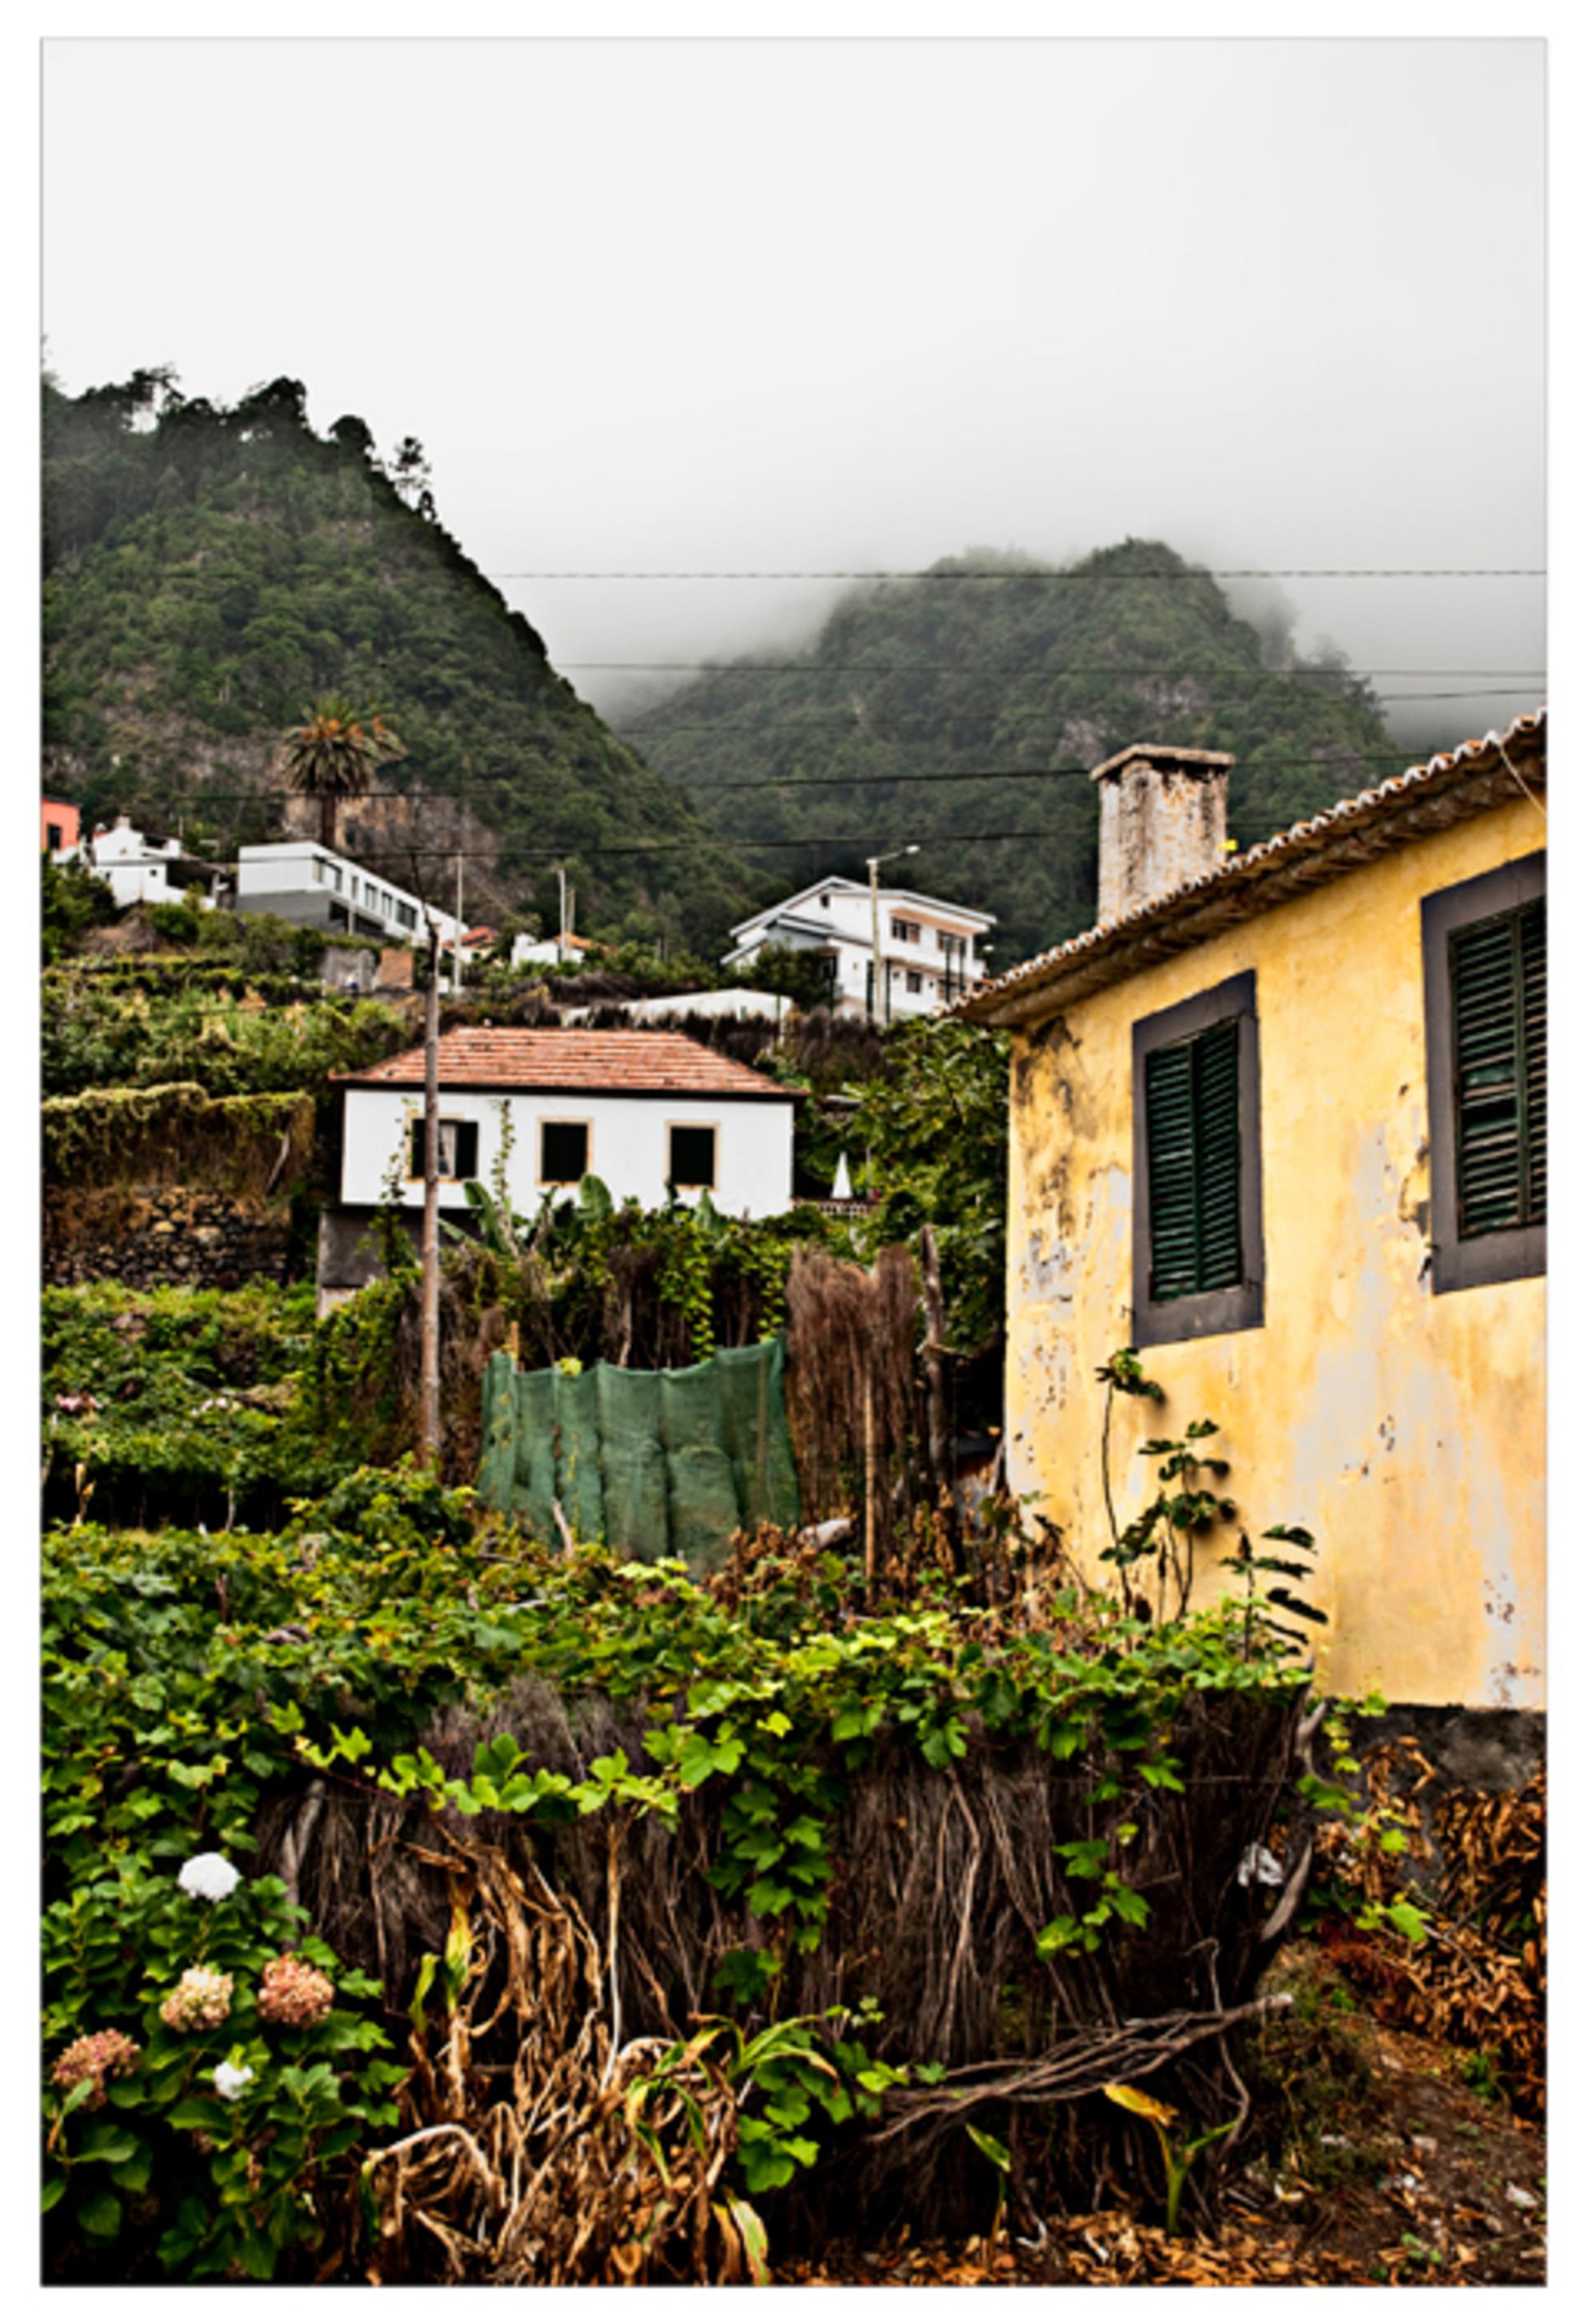 Ghost Town - Land: Portugal Eiland: Madeira Stad: Santana  Dit prachtig authentieke dorpje werd langzaam opgeslokt door de laaghangende wolken. - foto door Spanish op 16-09-2009 - deze foto bevat: wolken, mist, portugal, berg, ghost, spanish, funchal, town, maderia - Deze foto mag gebruikt worden in een Zoom.nl publicatie